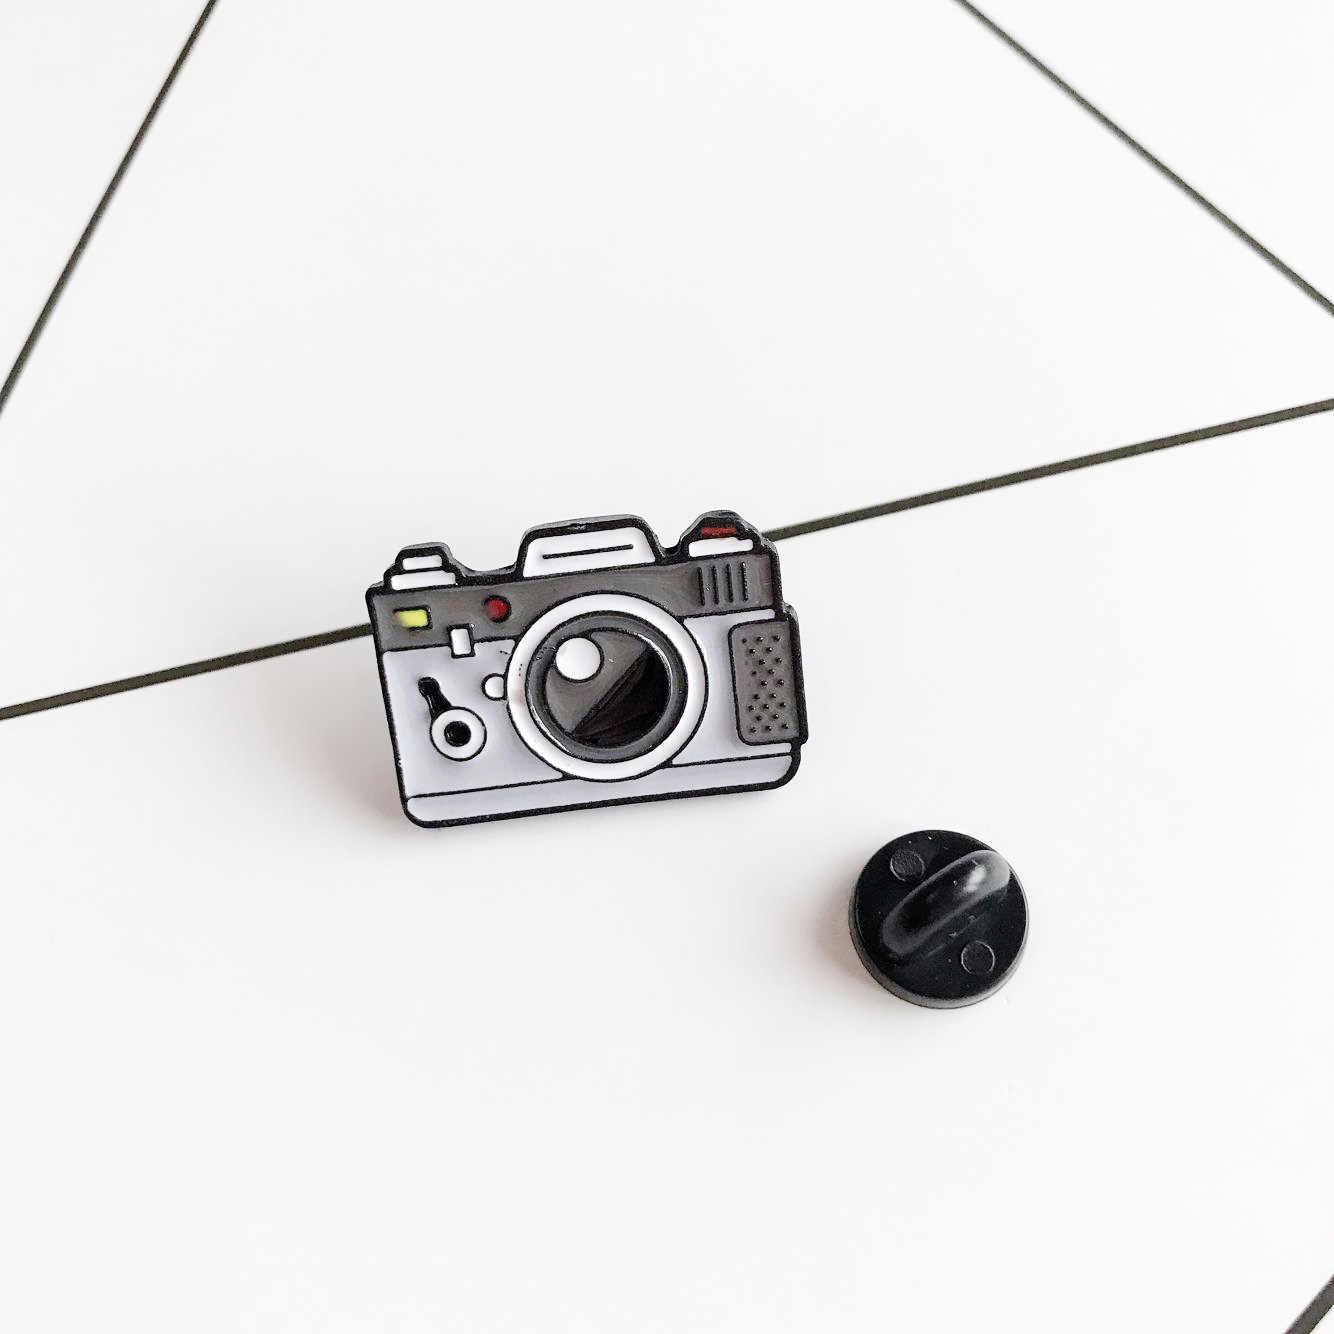 กล้องการ์ตูนเข็มกลัดสำหรับผู้หญิง 2 สีสายรุ้งดิจิตอลกล้อง Enamel Pins Coat หมวกกระเป๋าเป้สะพายหลังและเด็ก Badge ของขวัญ